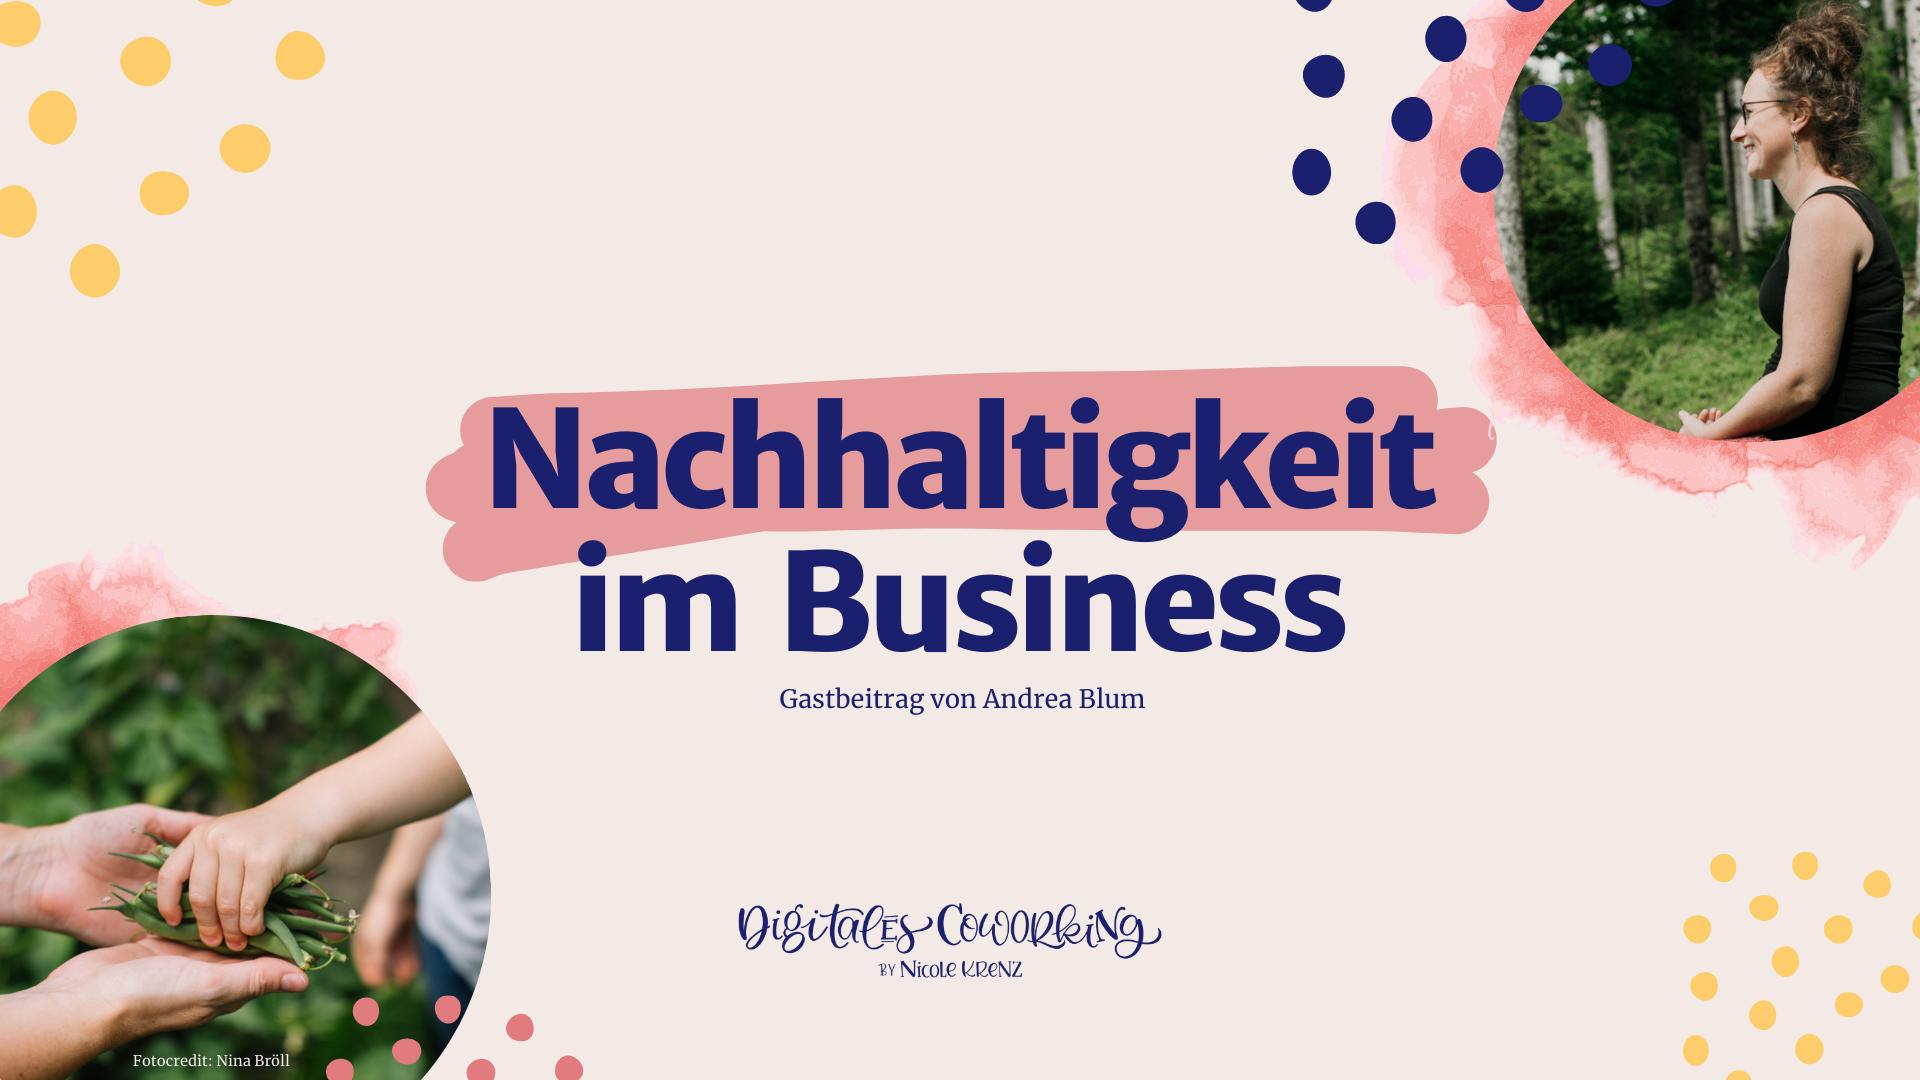 Nachhaltigkeit im Business